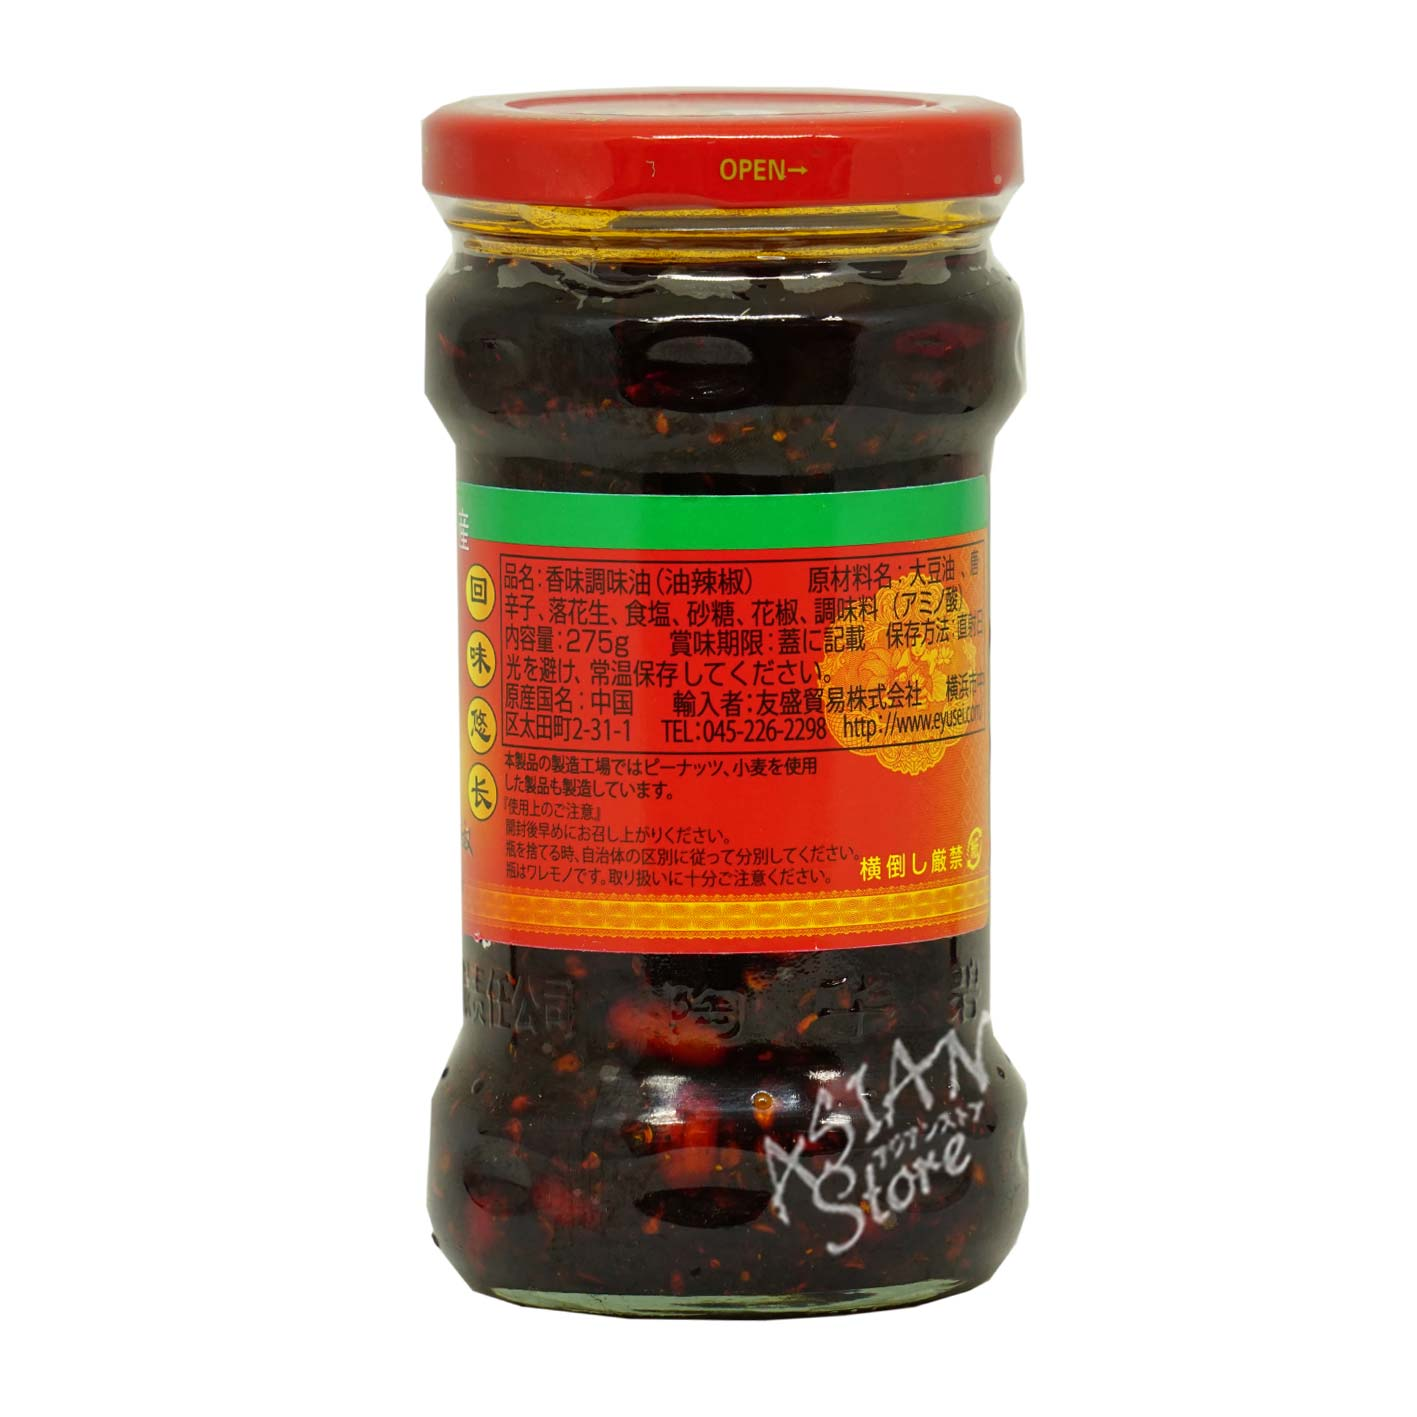 【常温便】【よりどり対象商品】ラオガンマー ピーナッツ入りラー油/老干媽油辣椒275g